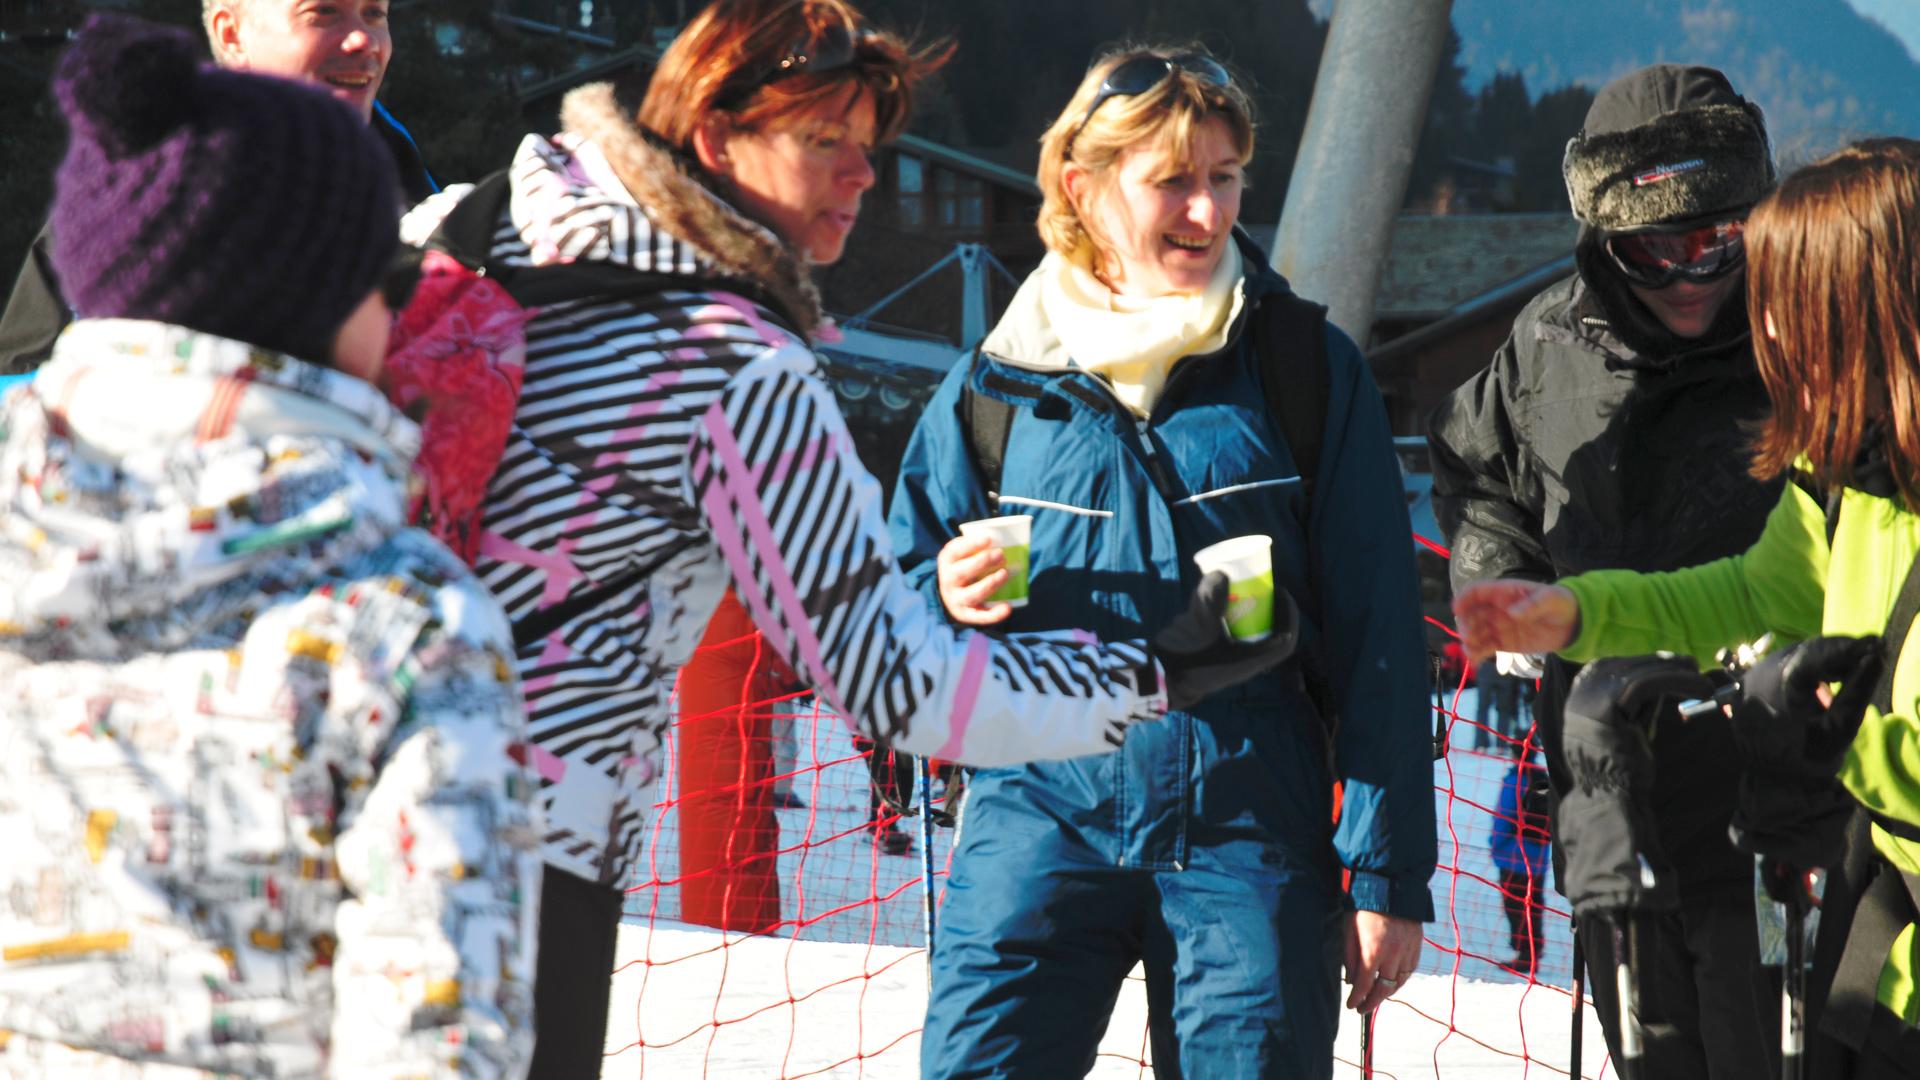 Skieur qui boivent du chocolat menier en bas des pistes de ski